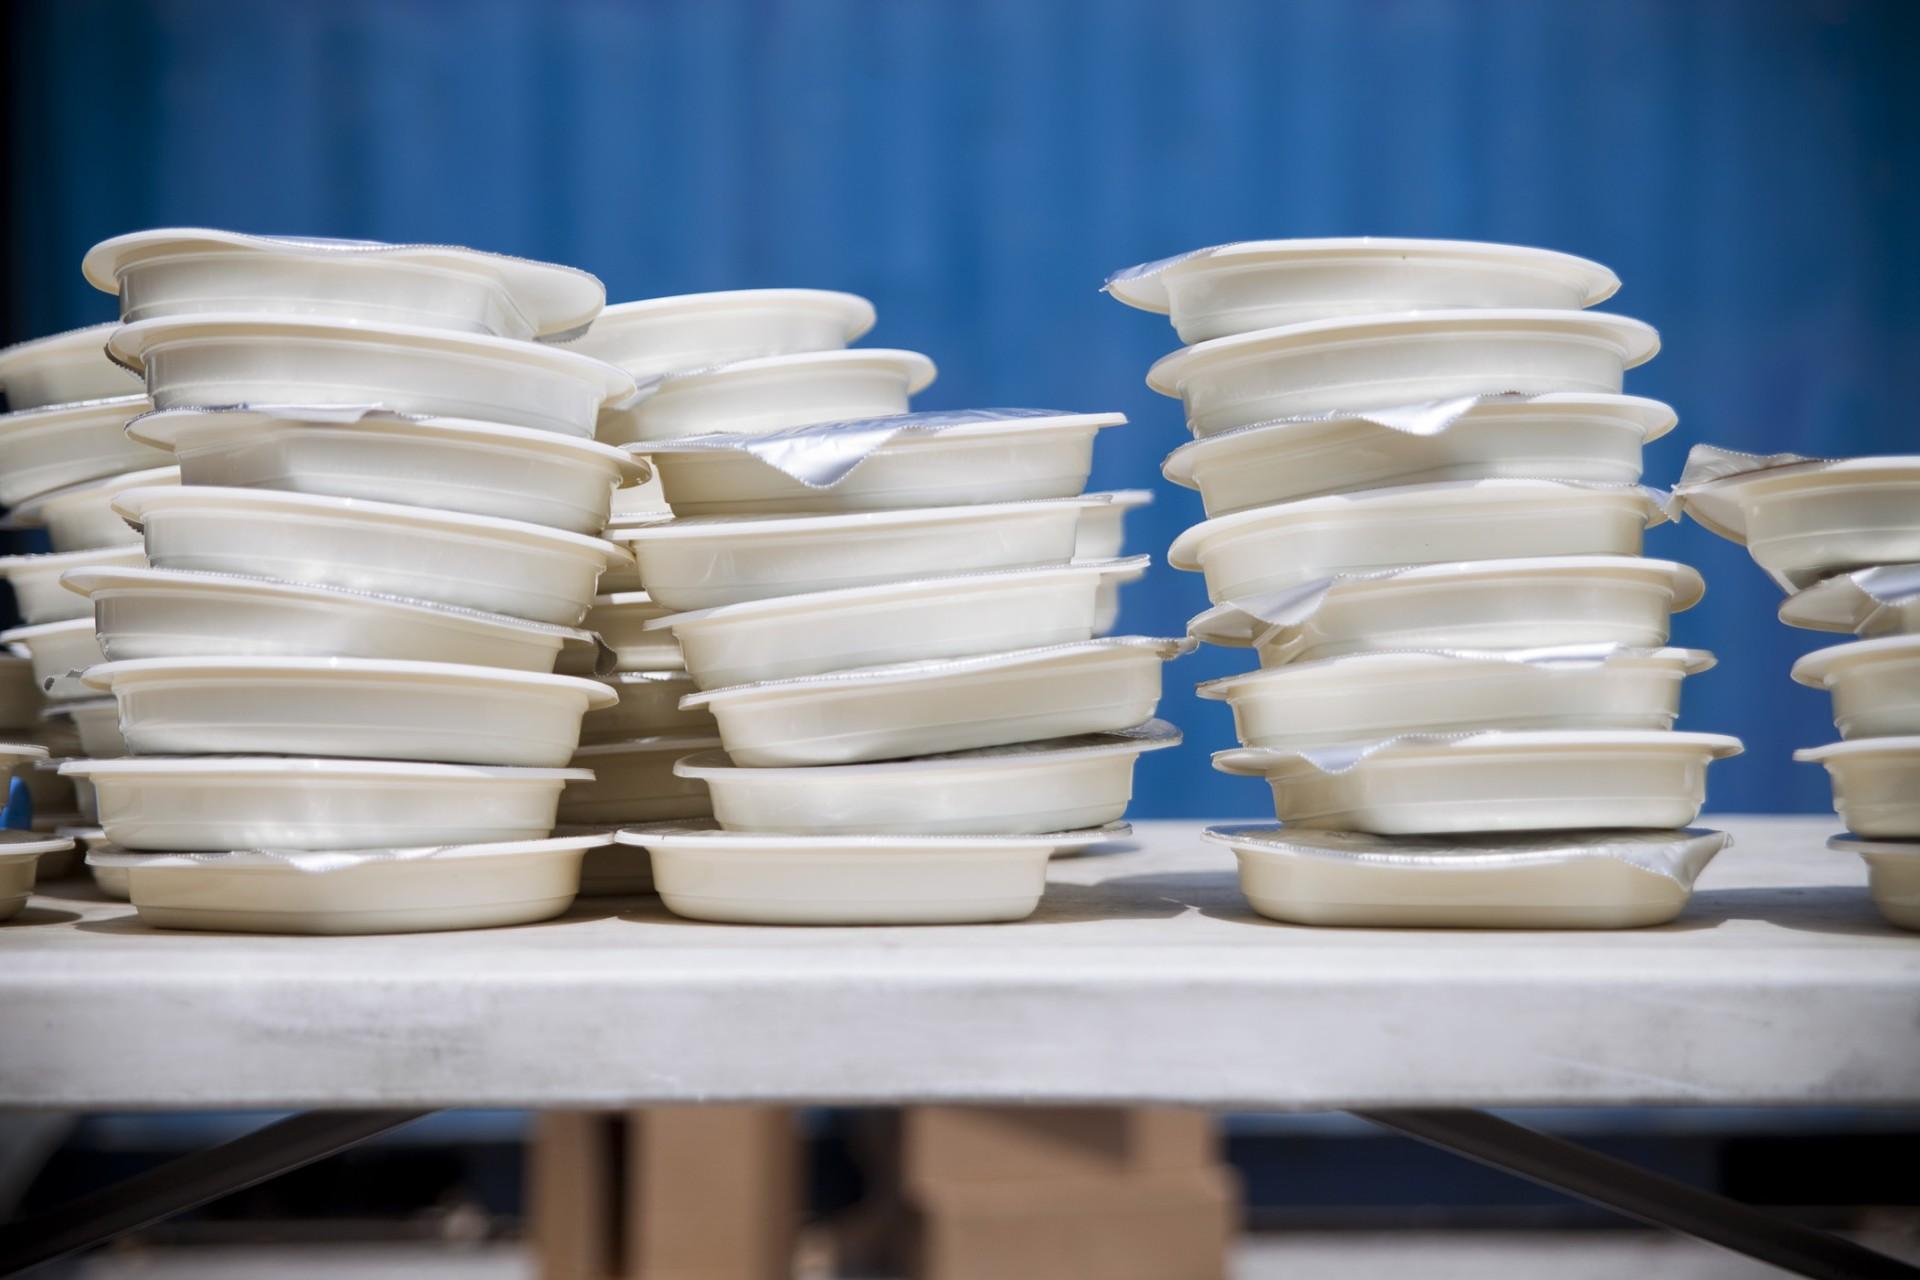 La marine nationale grecque approvisionne chaque jour le camp en nourriture. Les repas sont préparés par une entreprise de restauration collective, et distribués par des bénévoles venus de toute l'Europe voire même des Etats-Unis.